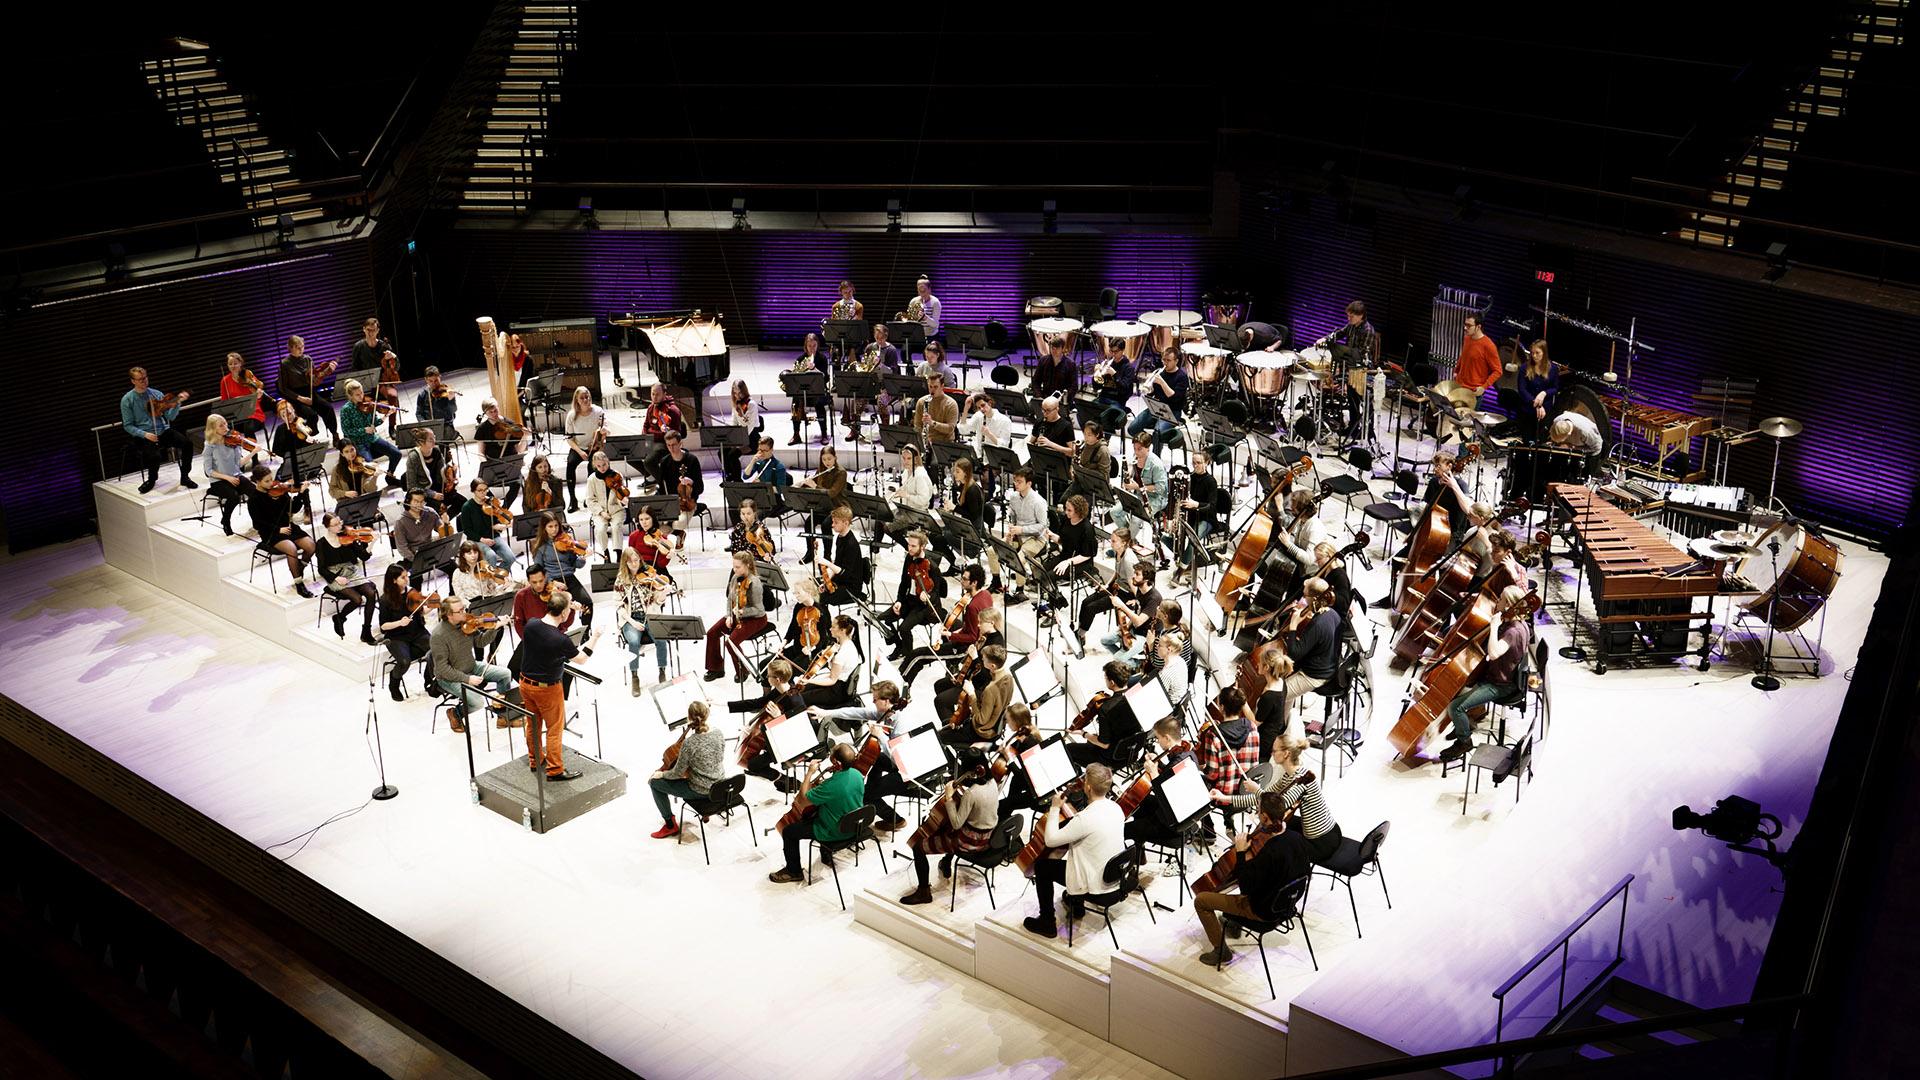 Sibelius-Akatemian sinfoniaorkesteri soittaa. Kuva: Maija Astikainen